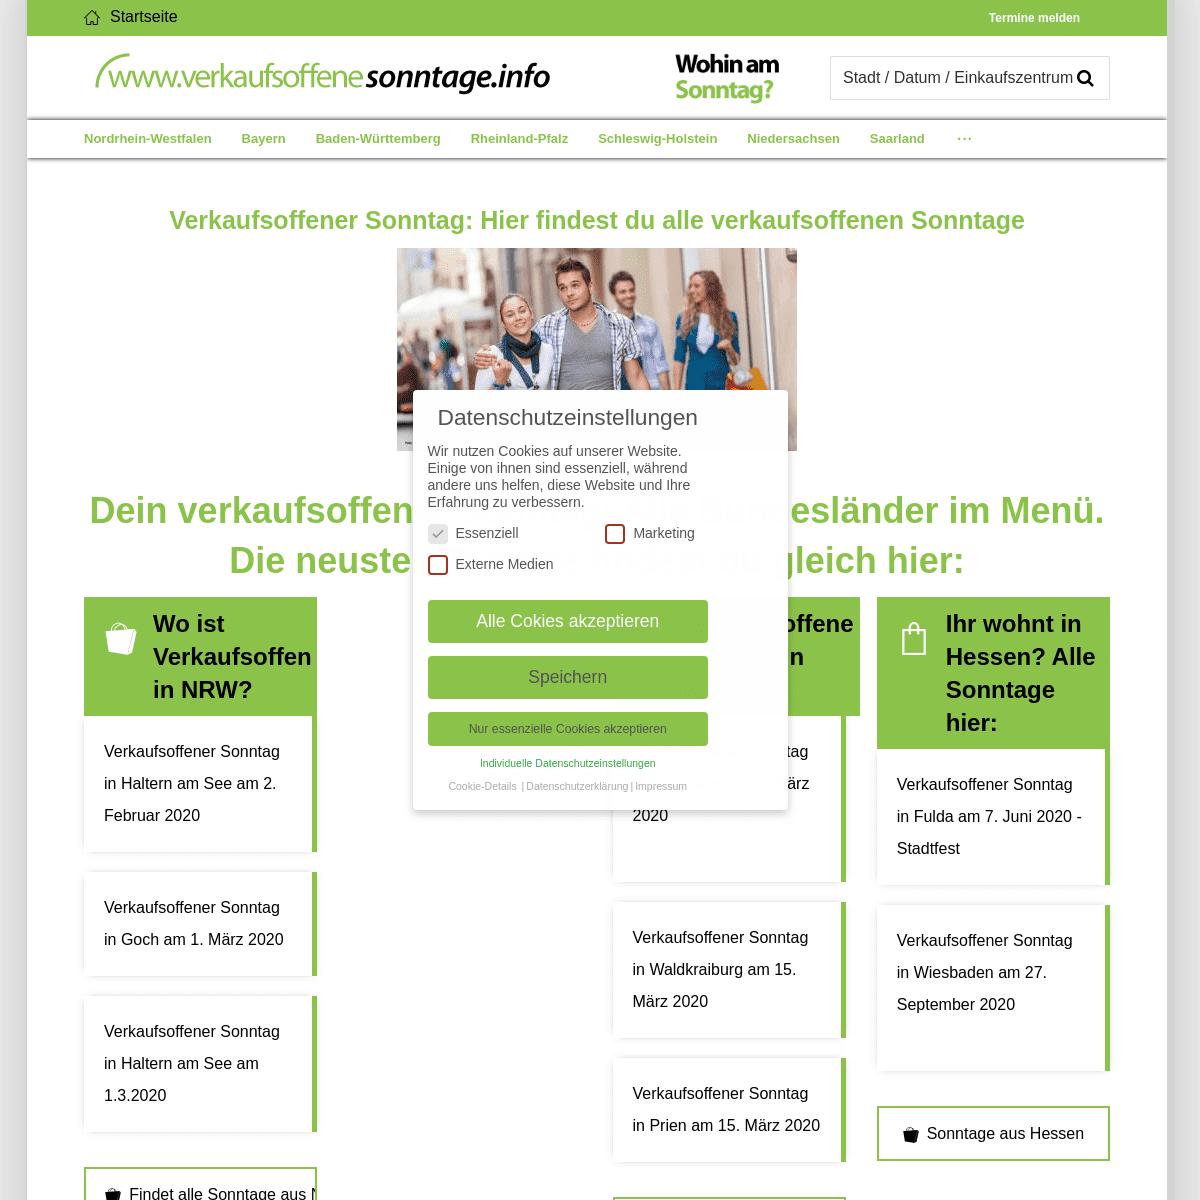 ArchiveBay.com - verkaufsoffenesonntage.info - Verkaufsoffener Sonntag ☝ 2020 - Shoppen am Wochende